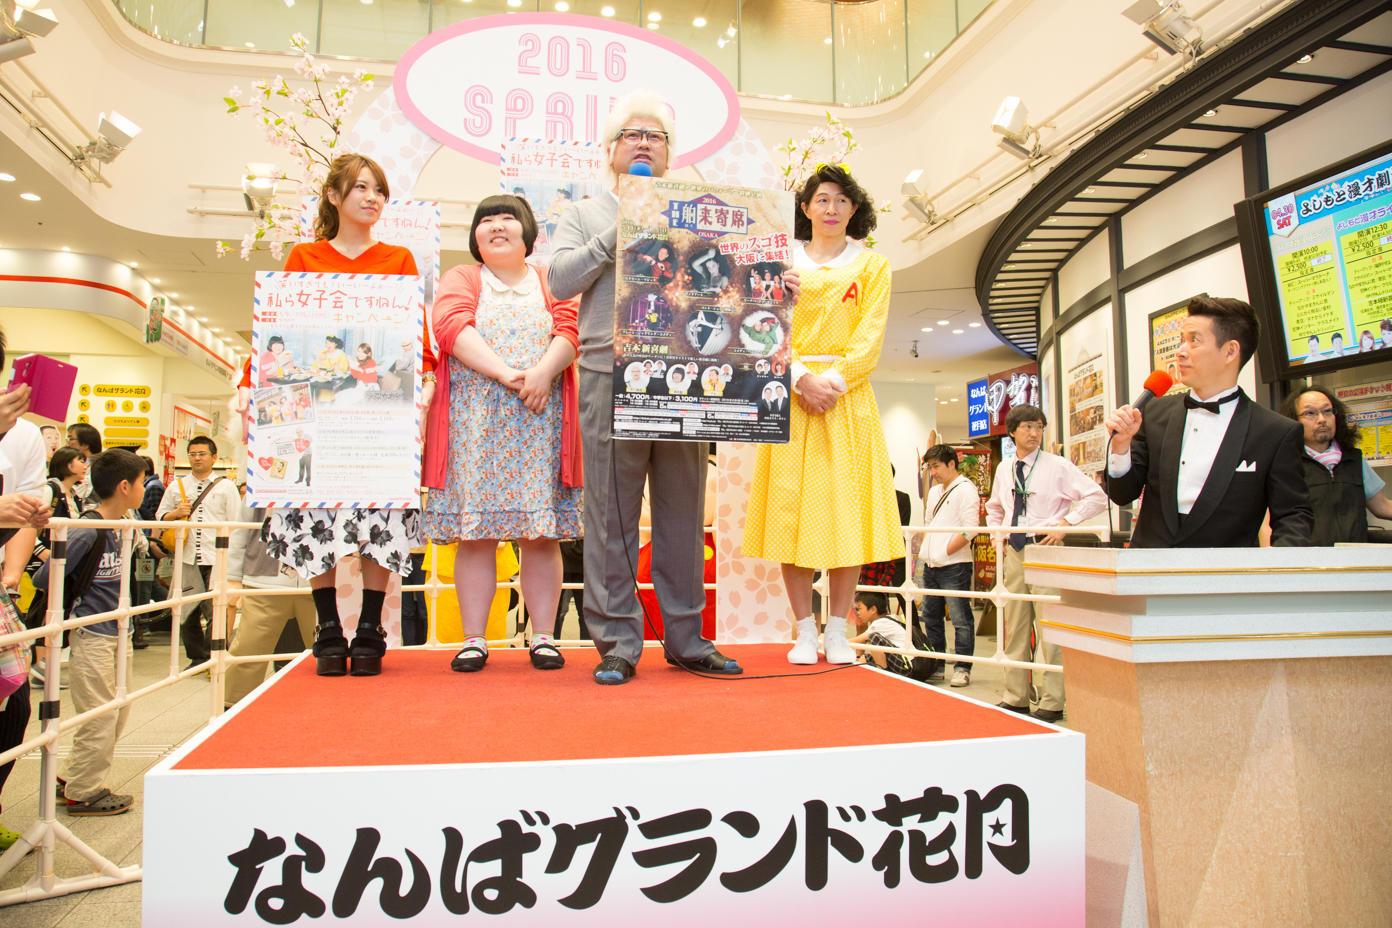 http://news.yoshimoto.co.jp/20160430154309-9a145be9743241919396c8d18db965e8497f5425.jpg